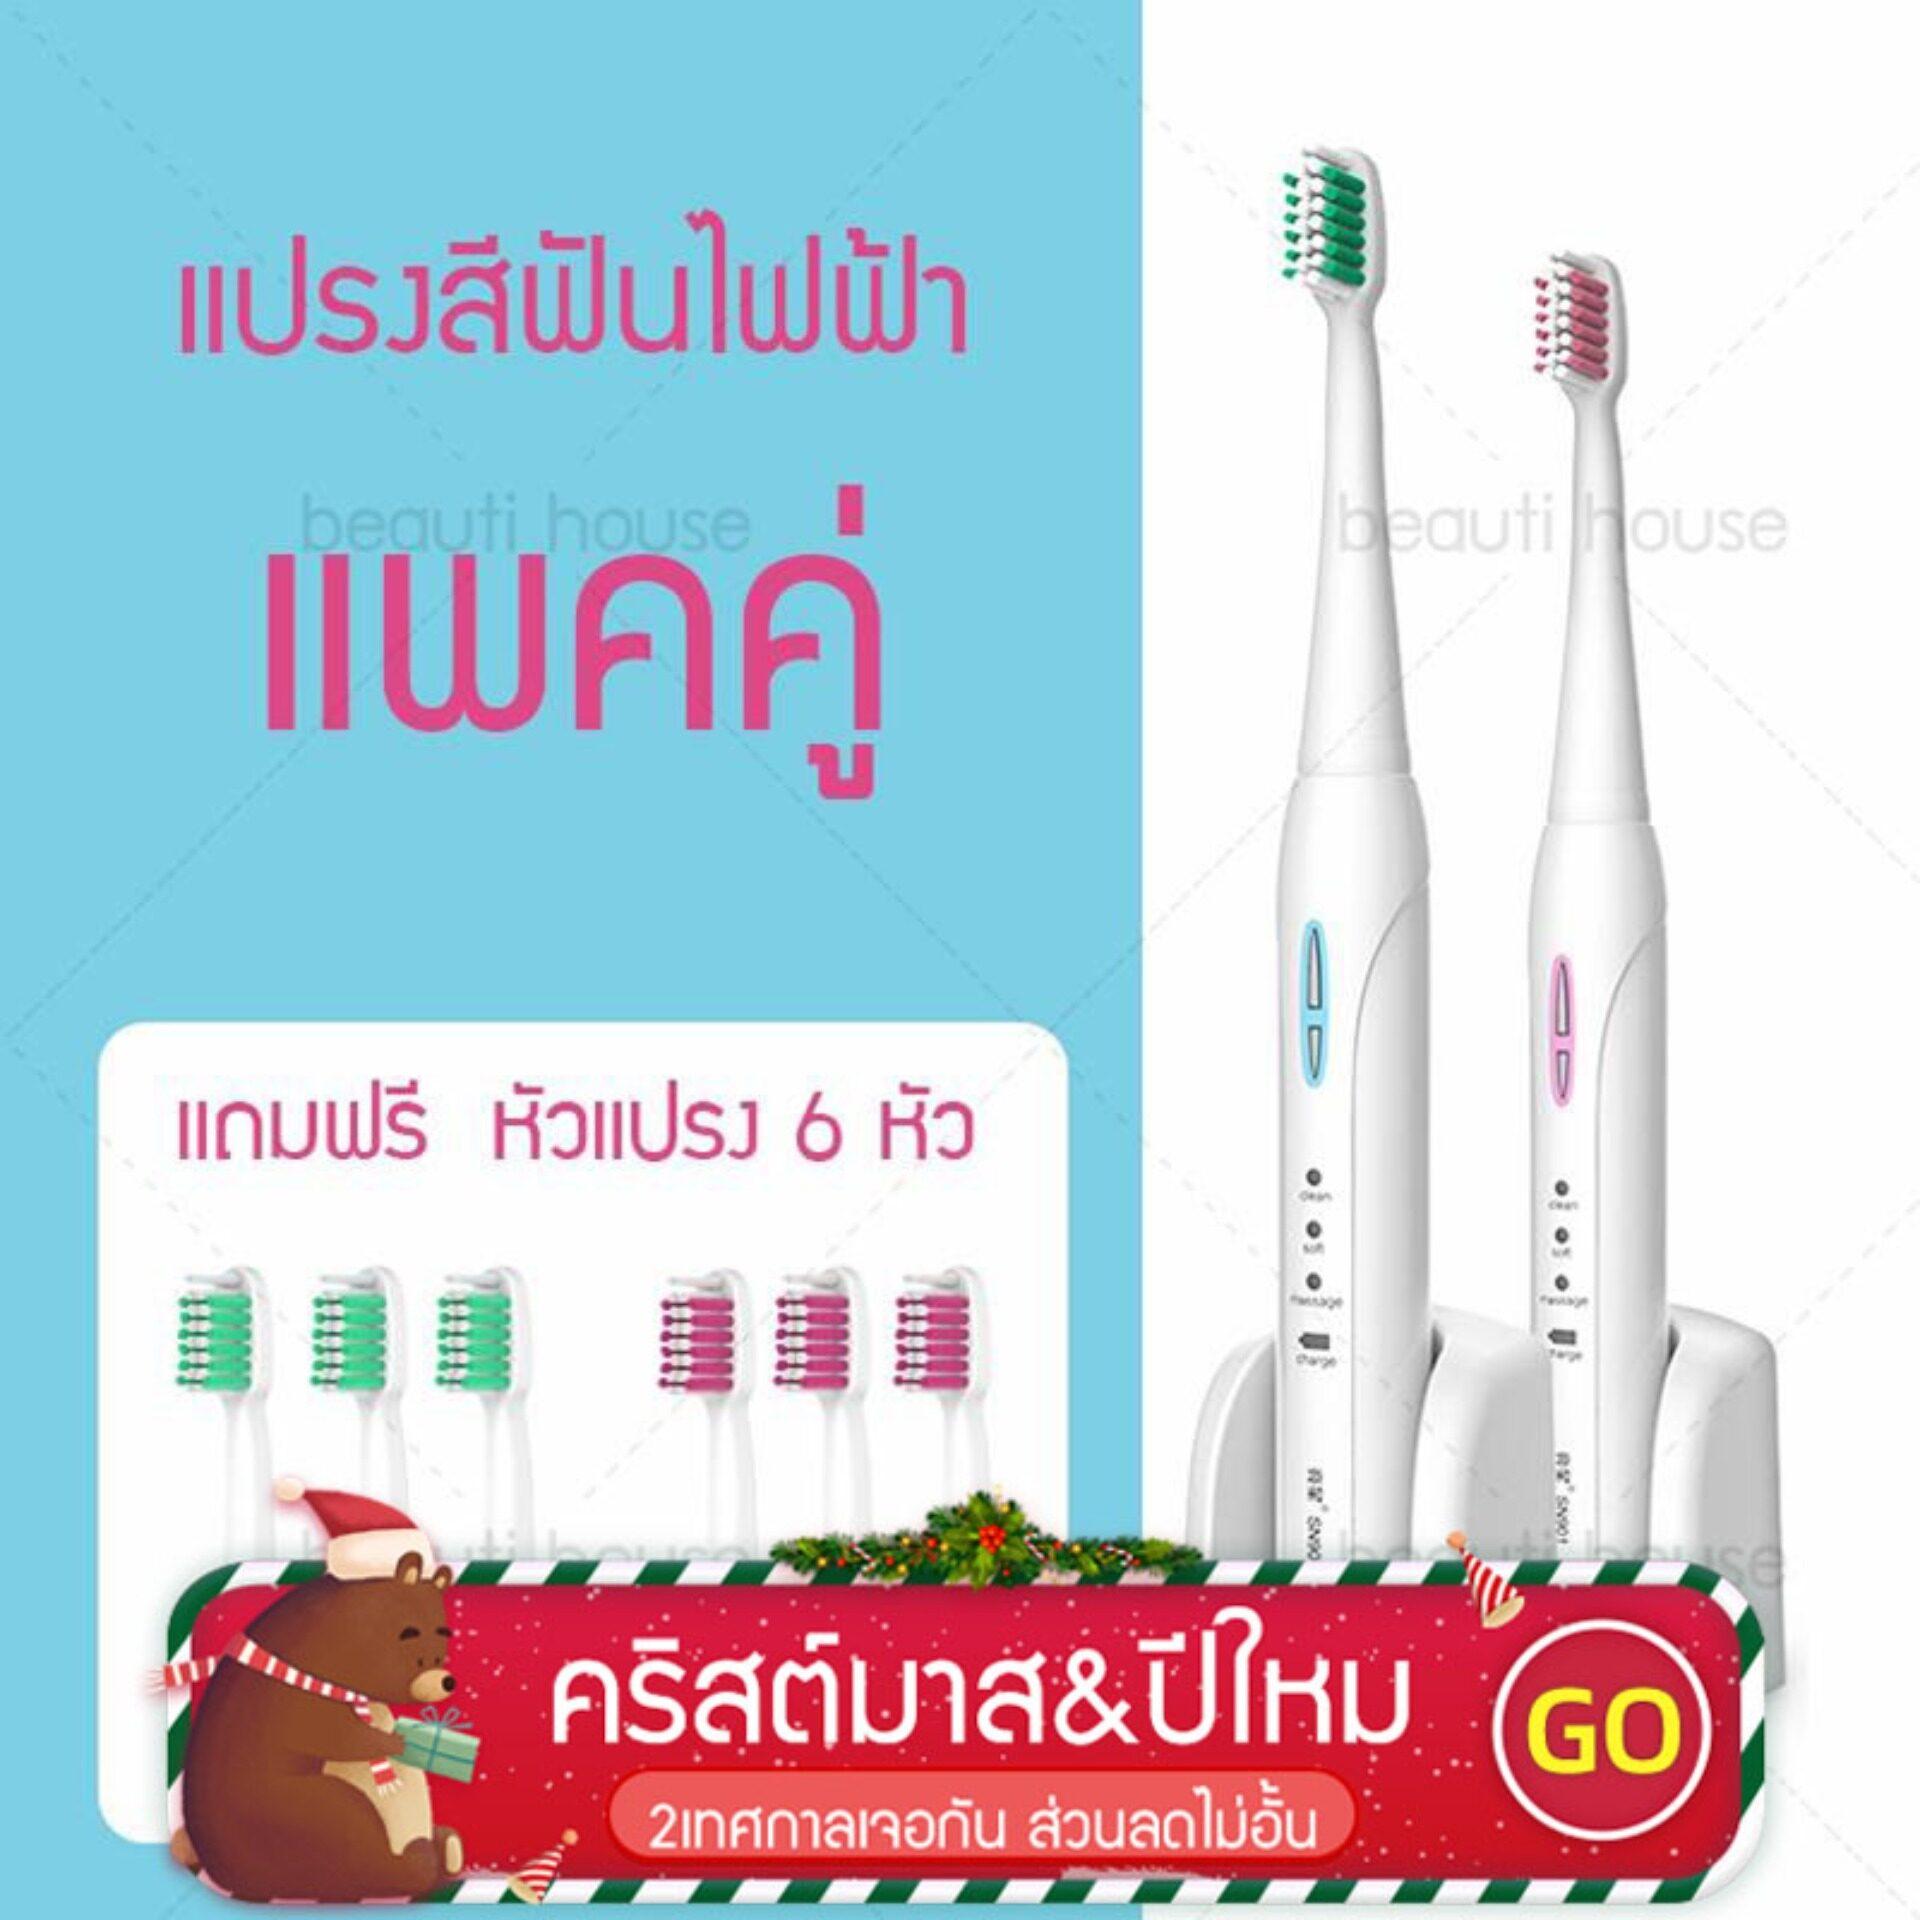 แปรงสีฟันไฟฟ้า รอยยิ้มขาวสดใสใน 1 สัปดาห์ จันทบุรี LANSUNG  แปรงสีฟัน แปรงสีฟันไฟฟ้า Sonic SN901 แบบชาร์จ  แปรงไฟฟ้าแพ็คคู่รักฟรี 8 หัวแปรง สำหรับผู้ใหญ่ สีฟ้า สีชมพู Paris store